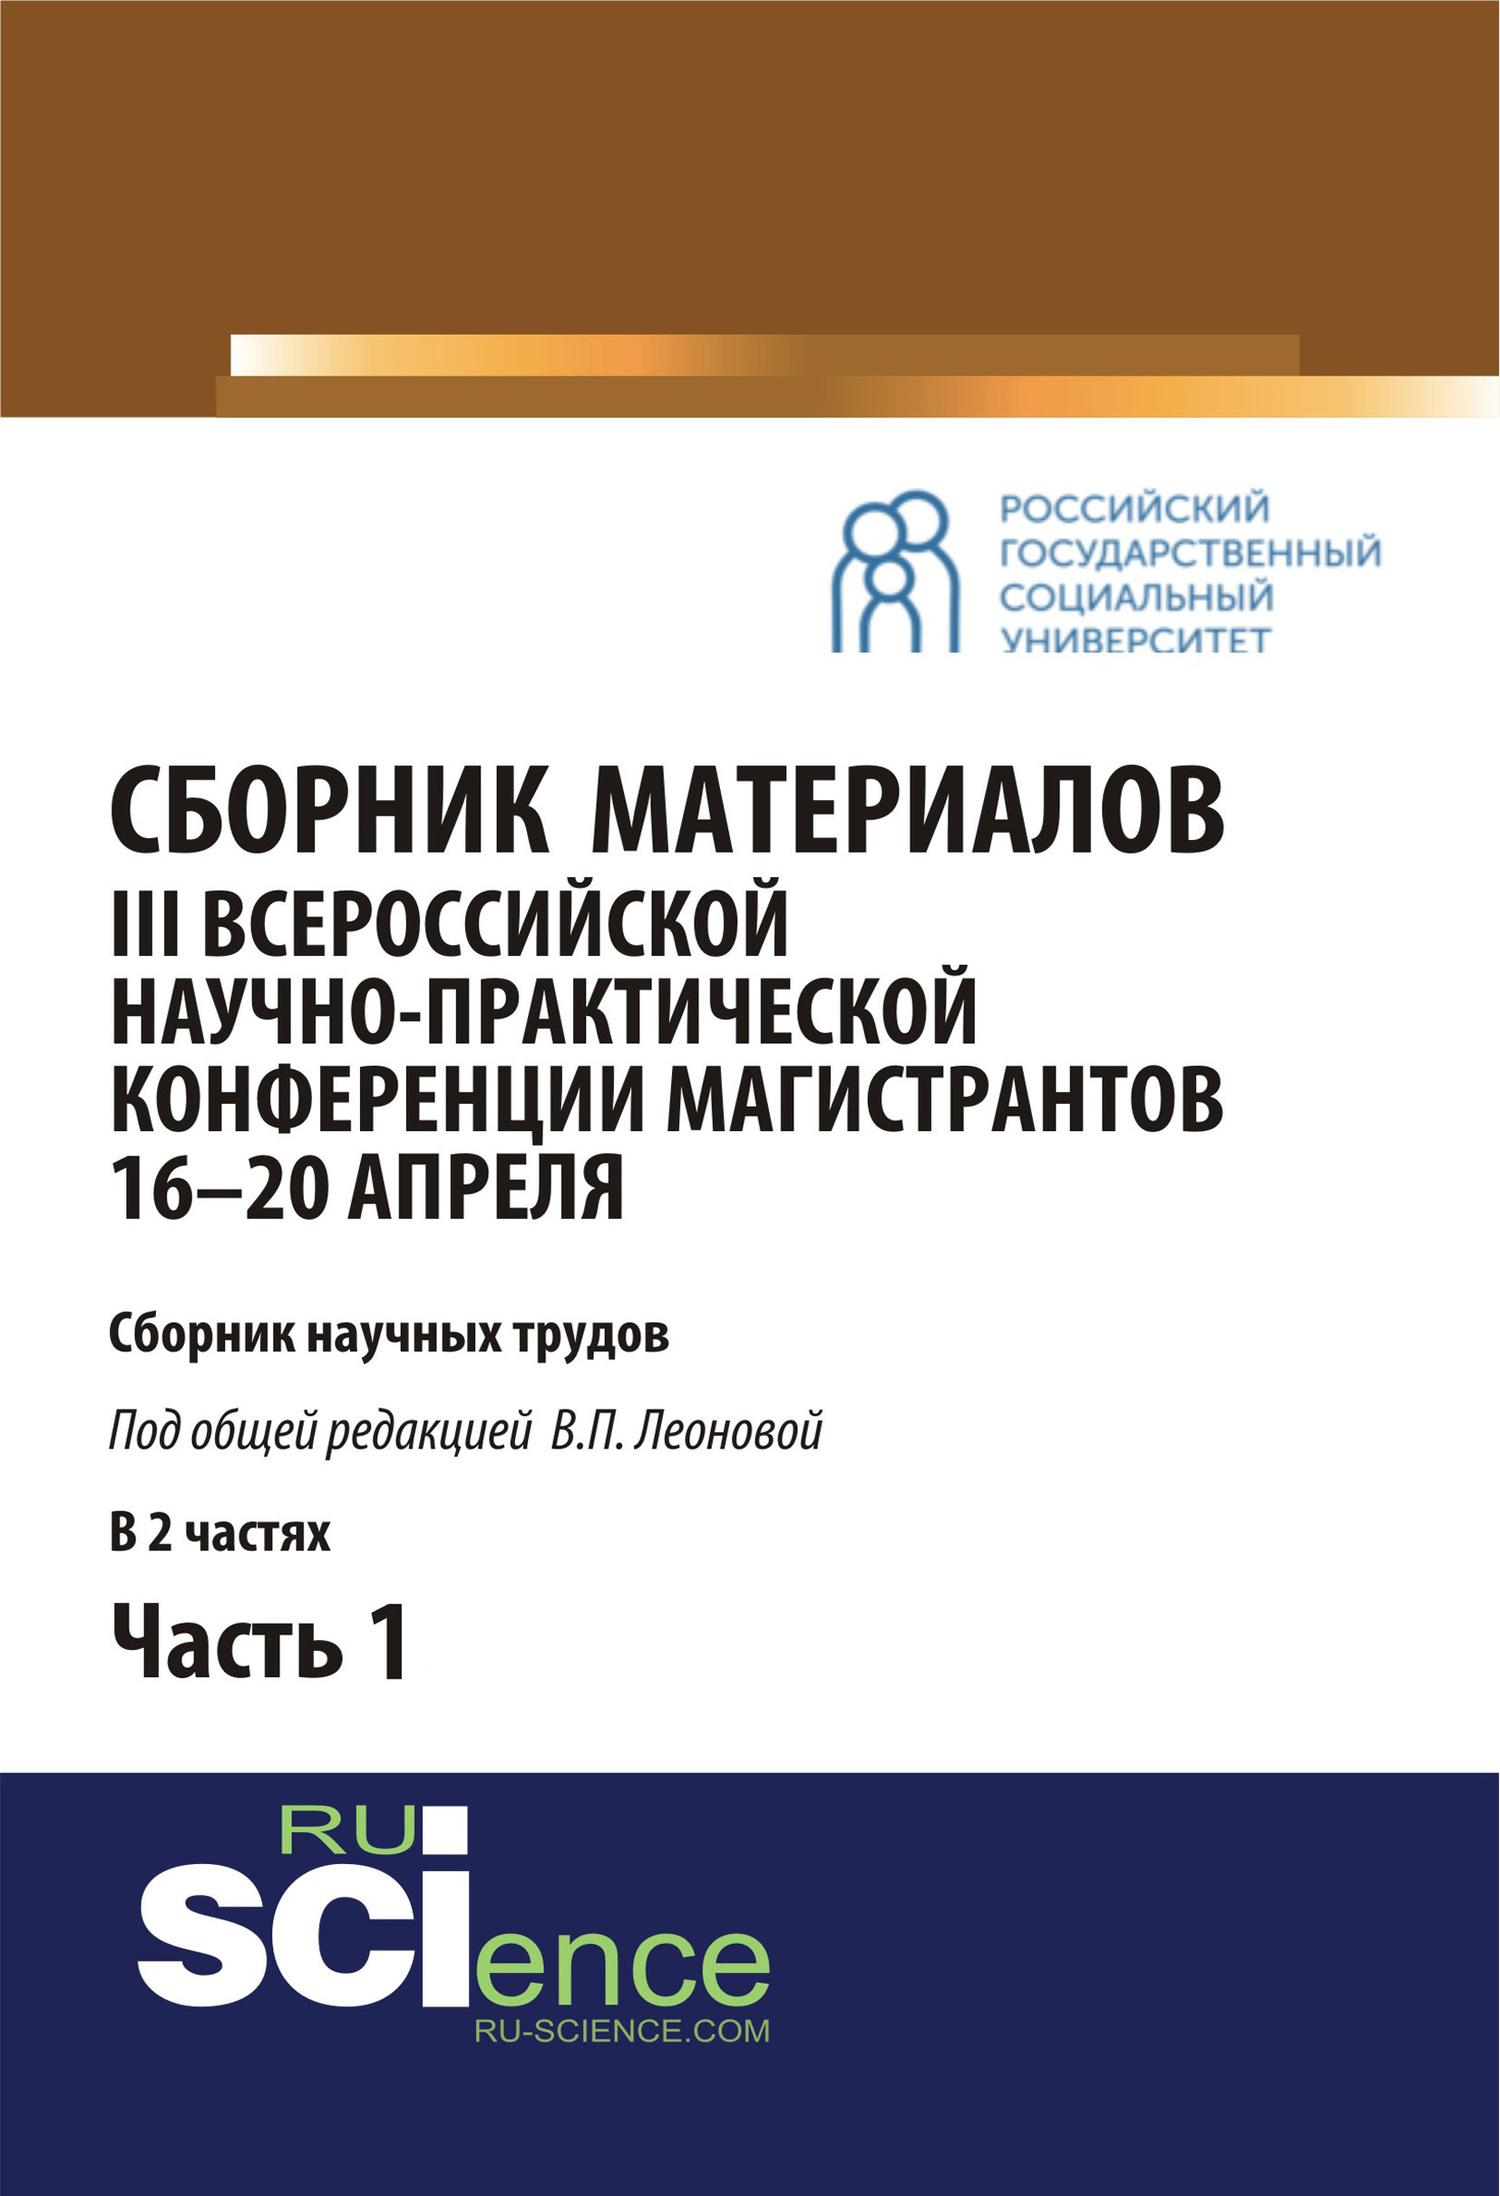 Сборник материалов III Всероссийской научно-практической конференции магистрантов 16–20 апреля. Часть 1